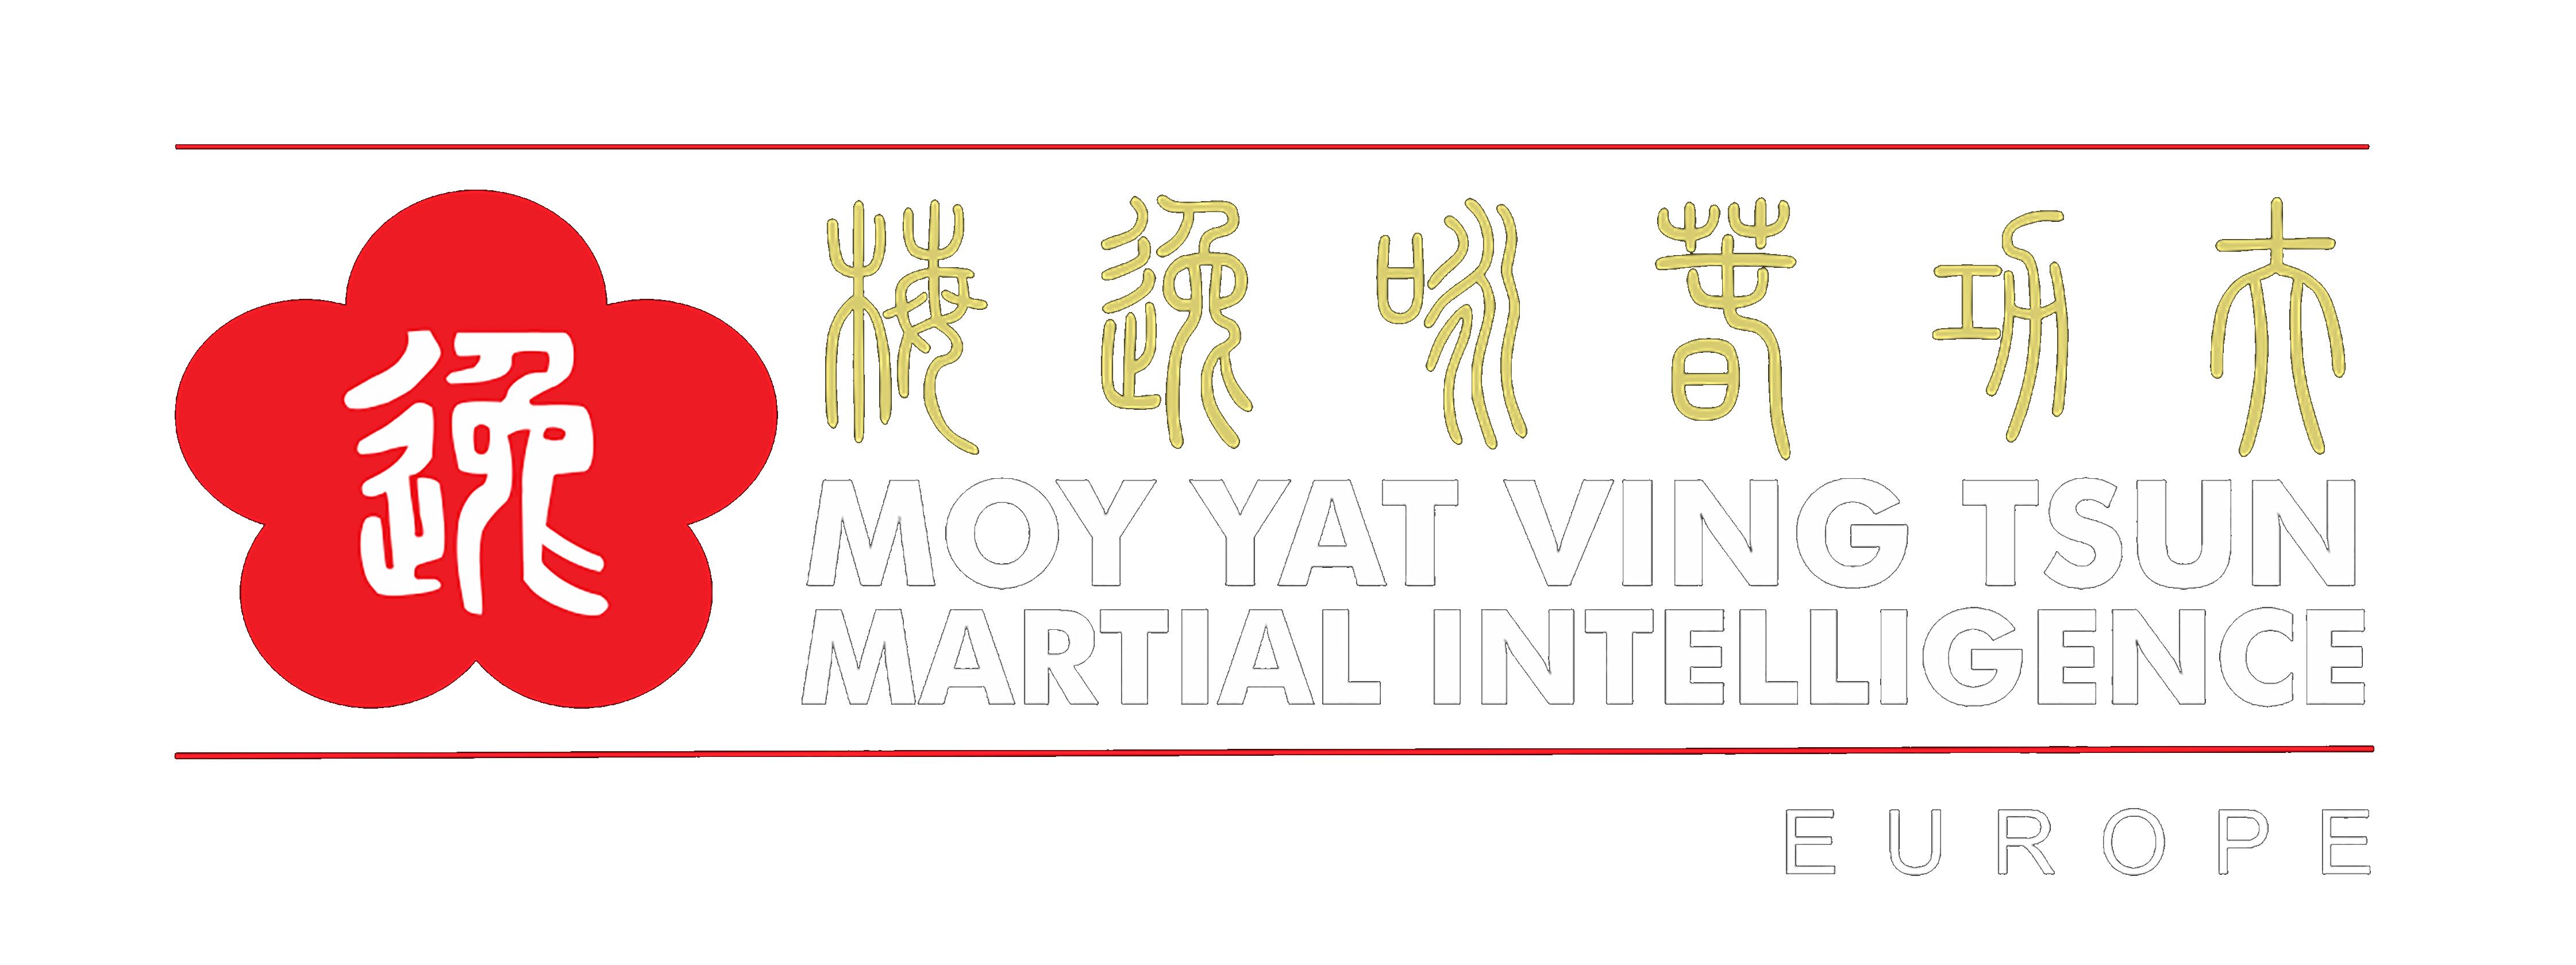 Wing Tsun - Clases de Wing Chun Kung Fu en España - Spain 咏春功夫西班牙 e